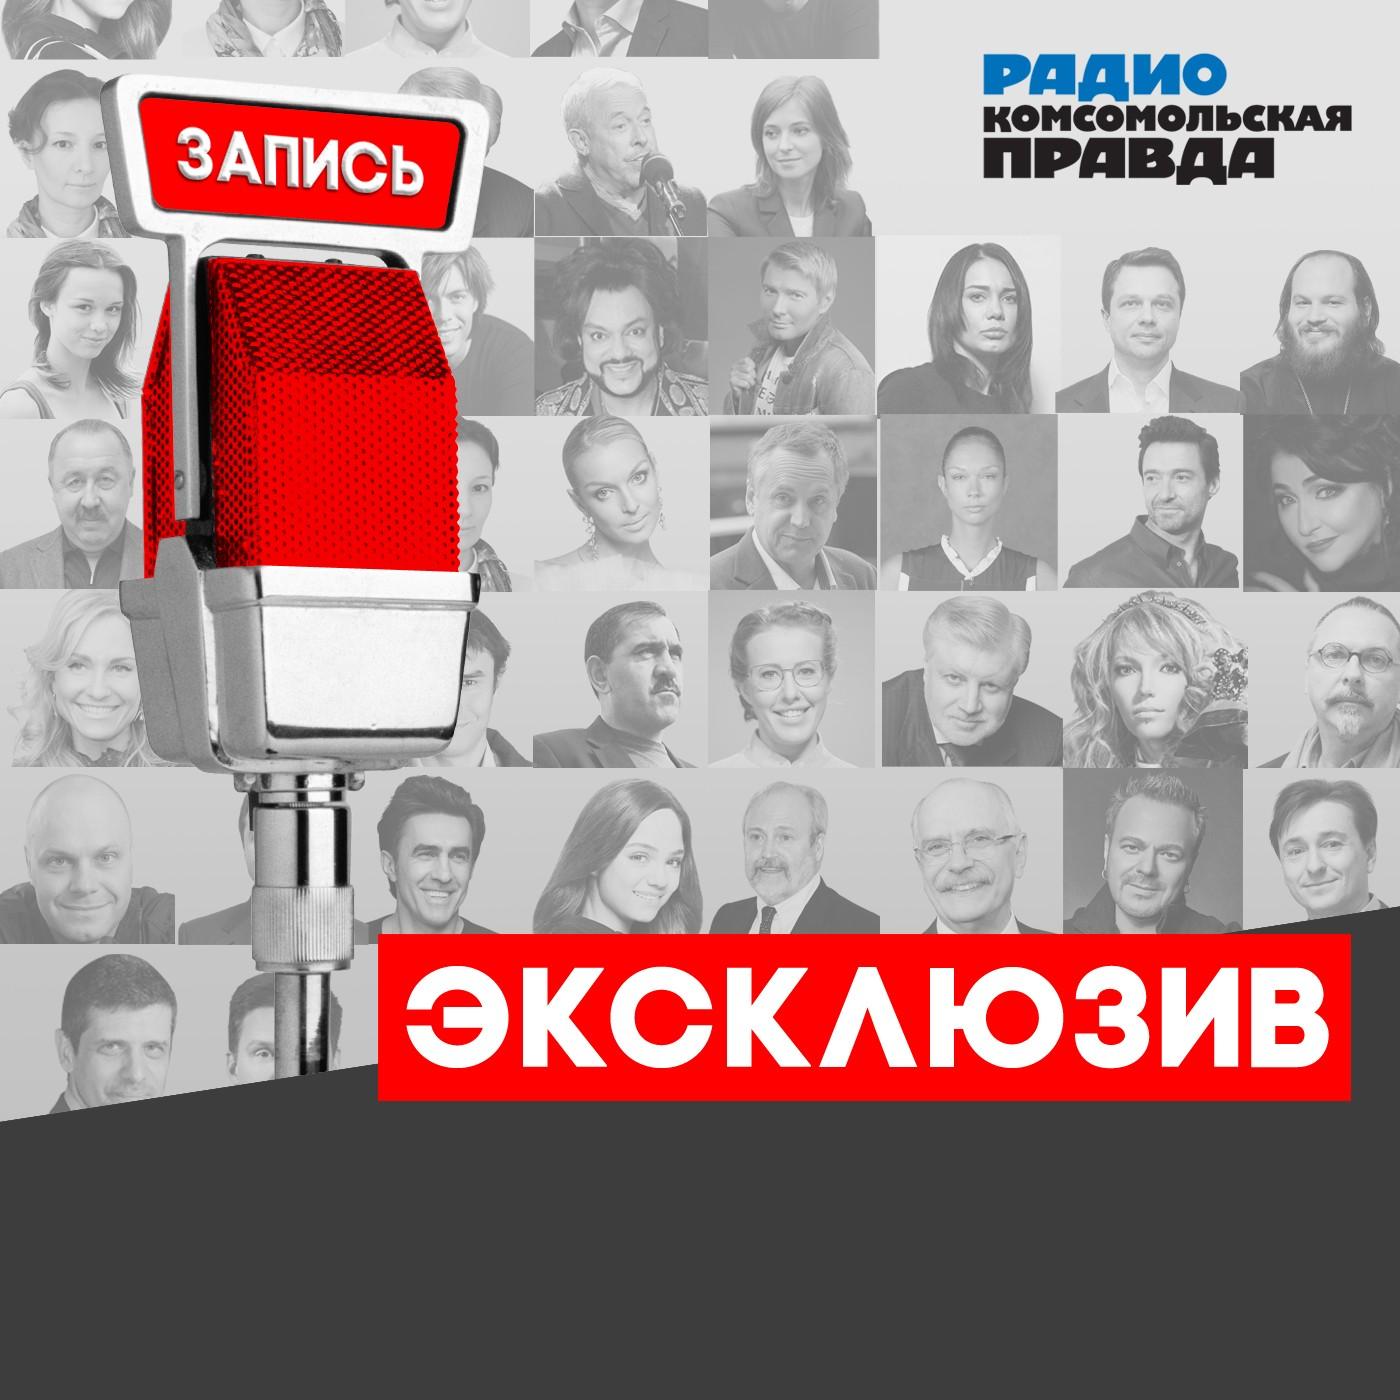 цена на Радио «Комсомольская правда» В каком состоянии находится наш футбол